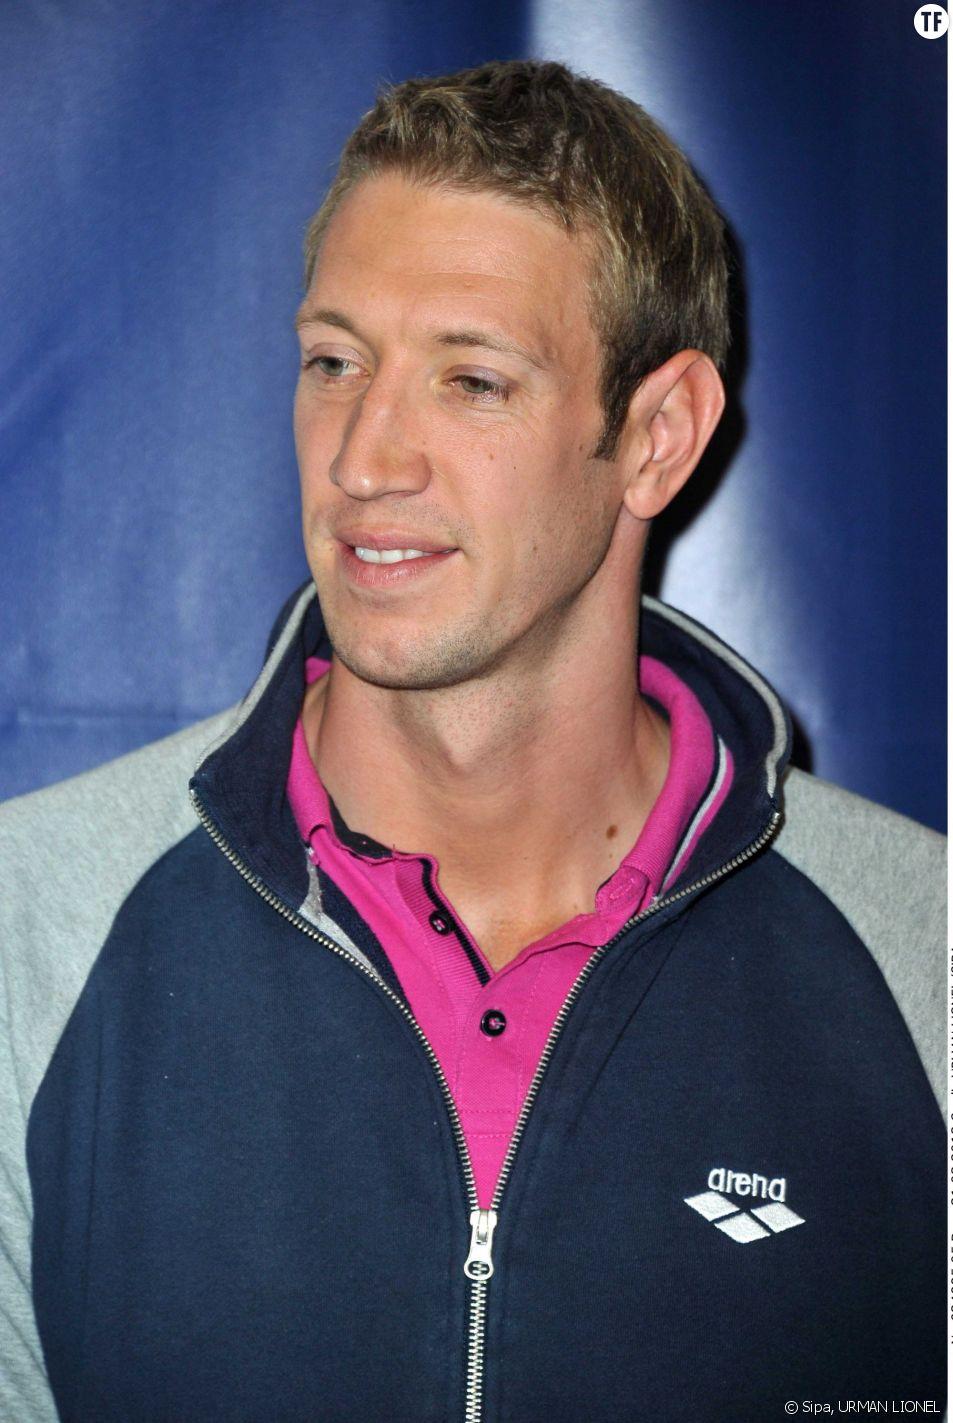 Le nageur Alain Bernard aurait pu faire partie des victimes du crash en Argentine